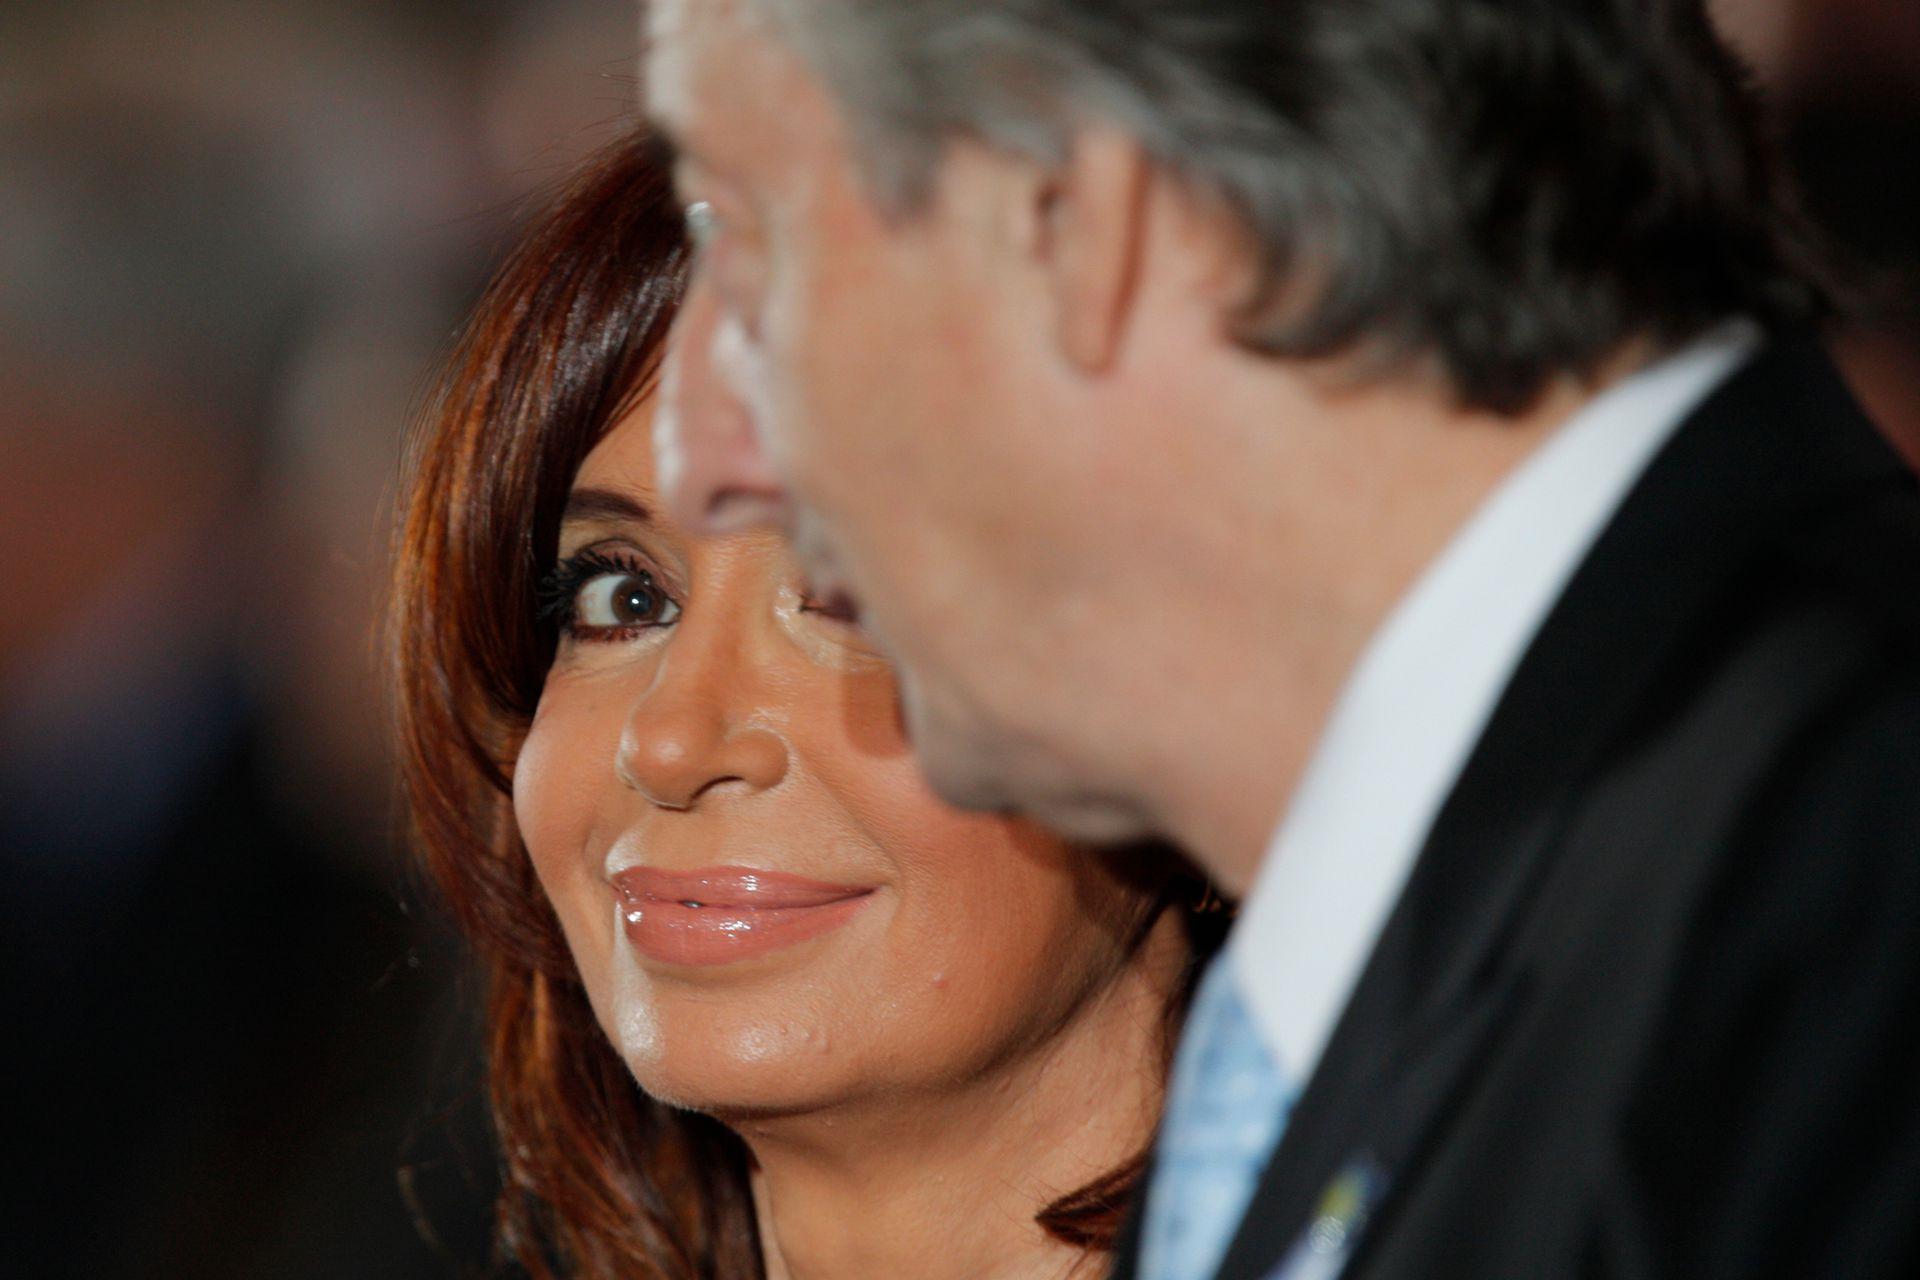 La presidenta Cristina Fernández y Néstor Kirchner, durante el Tedeum en la Catedral metropolitana el 25 de mayo de 2010